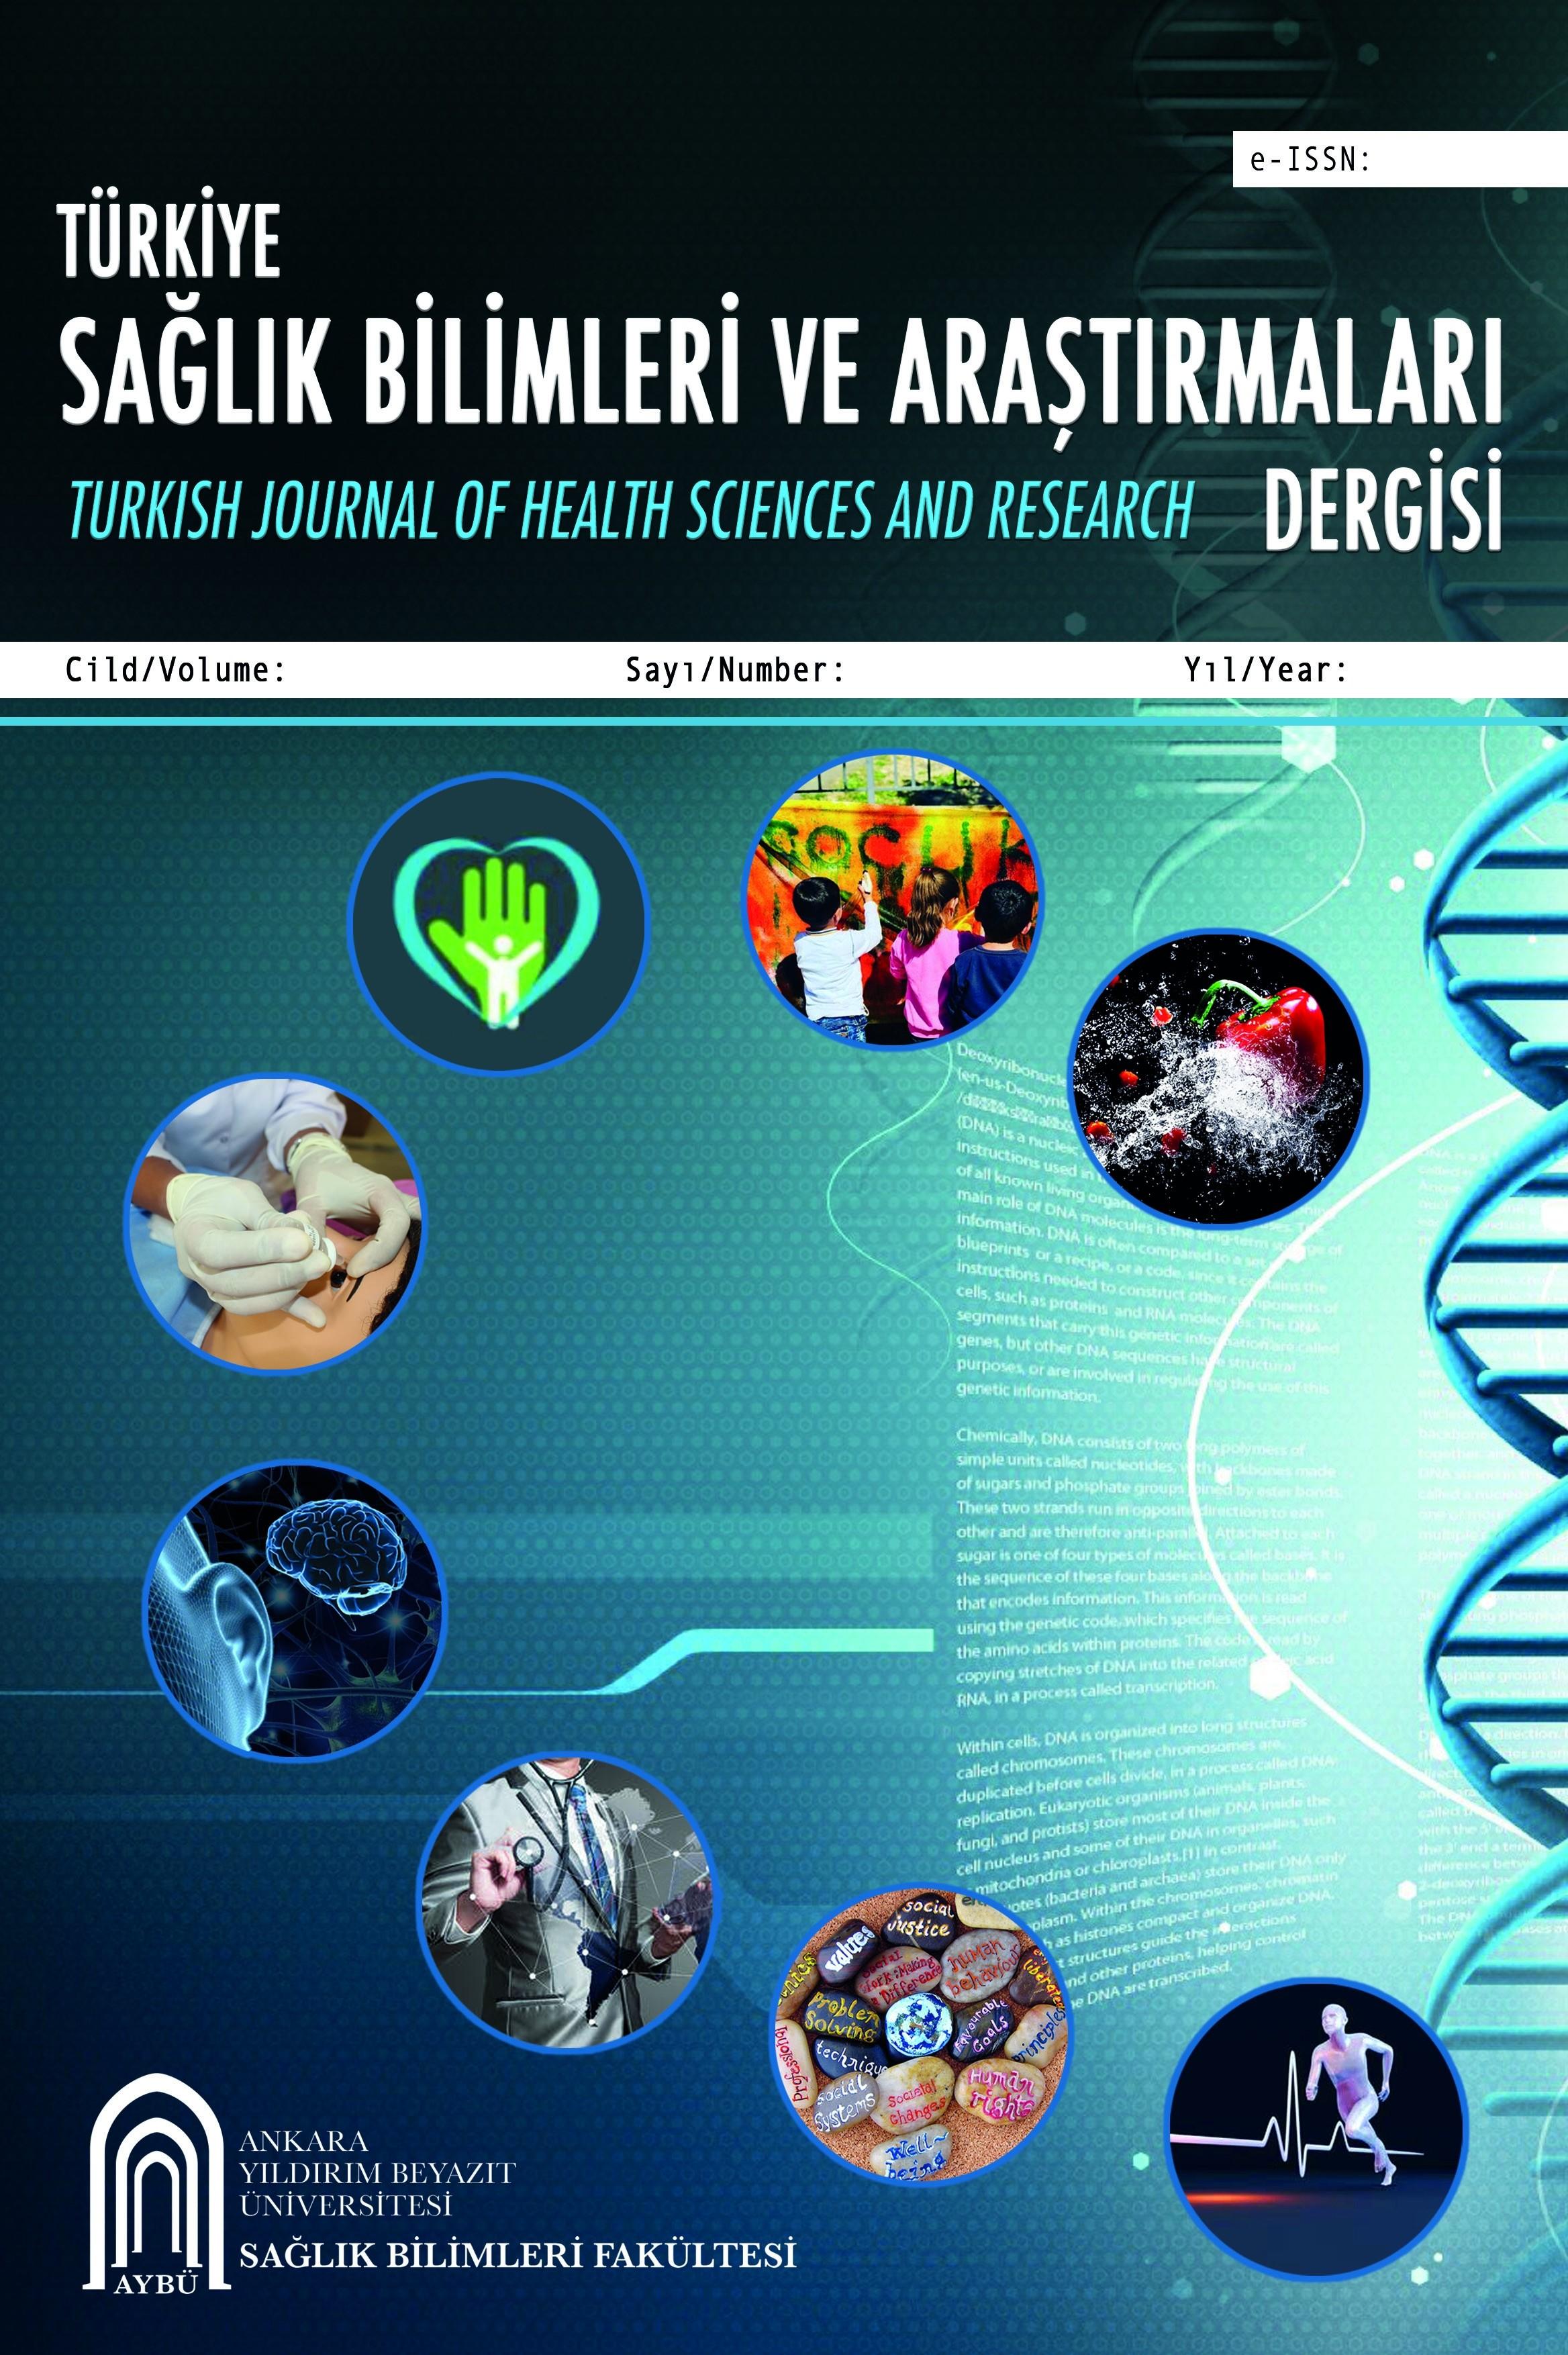 Türkiye Sağlık Bilimleri ve Araştırmaları Dergisi